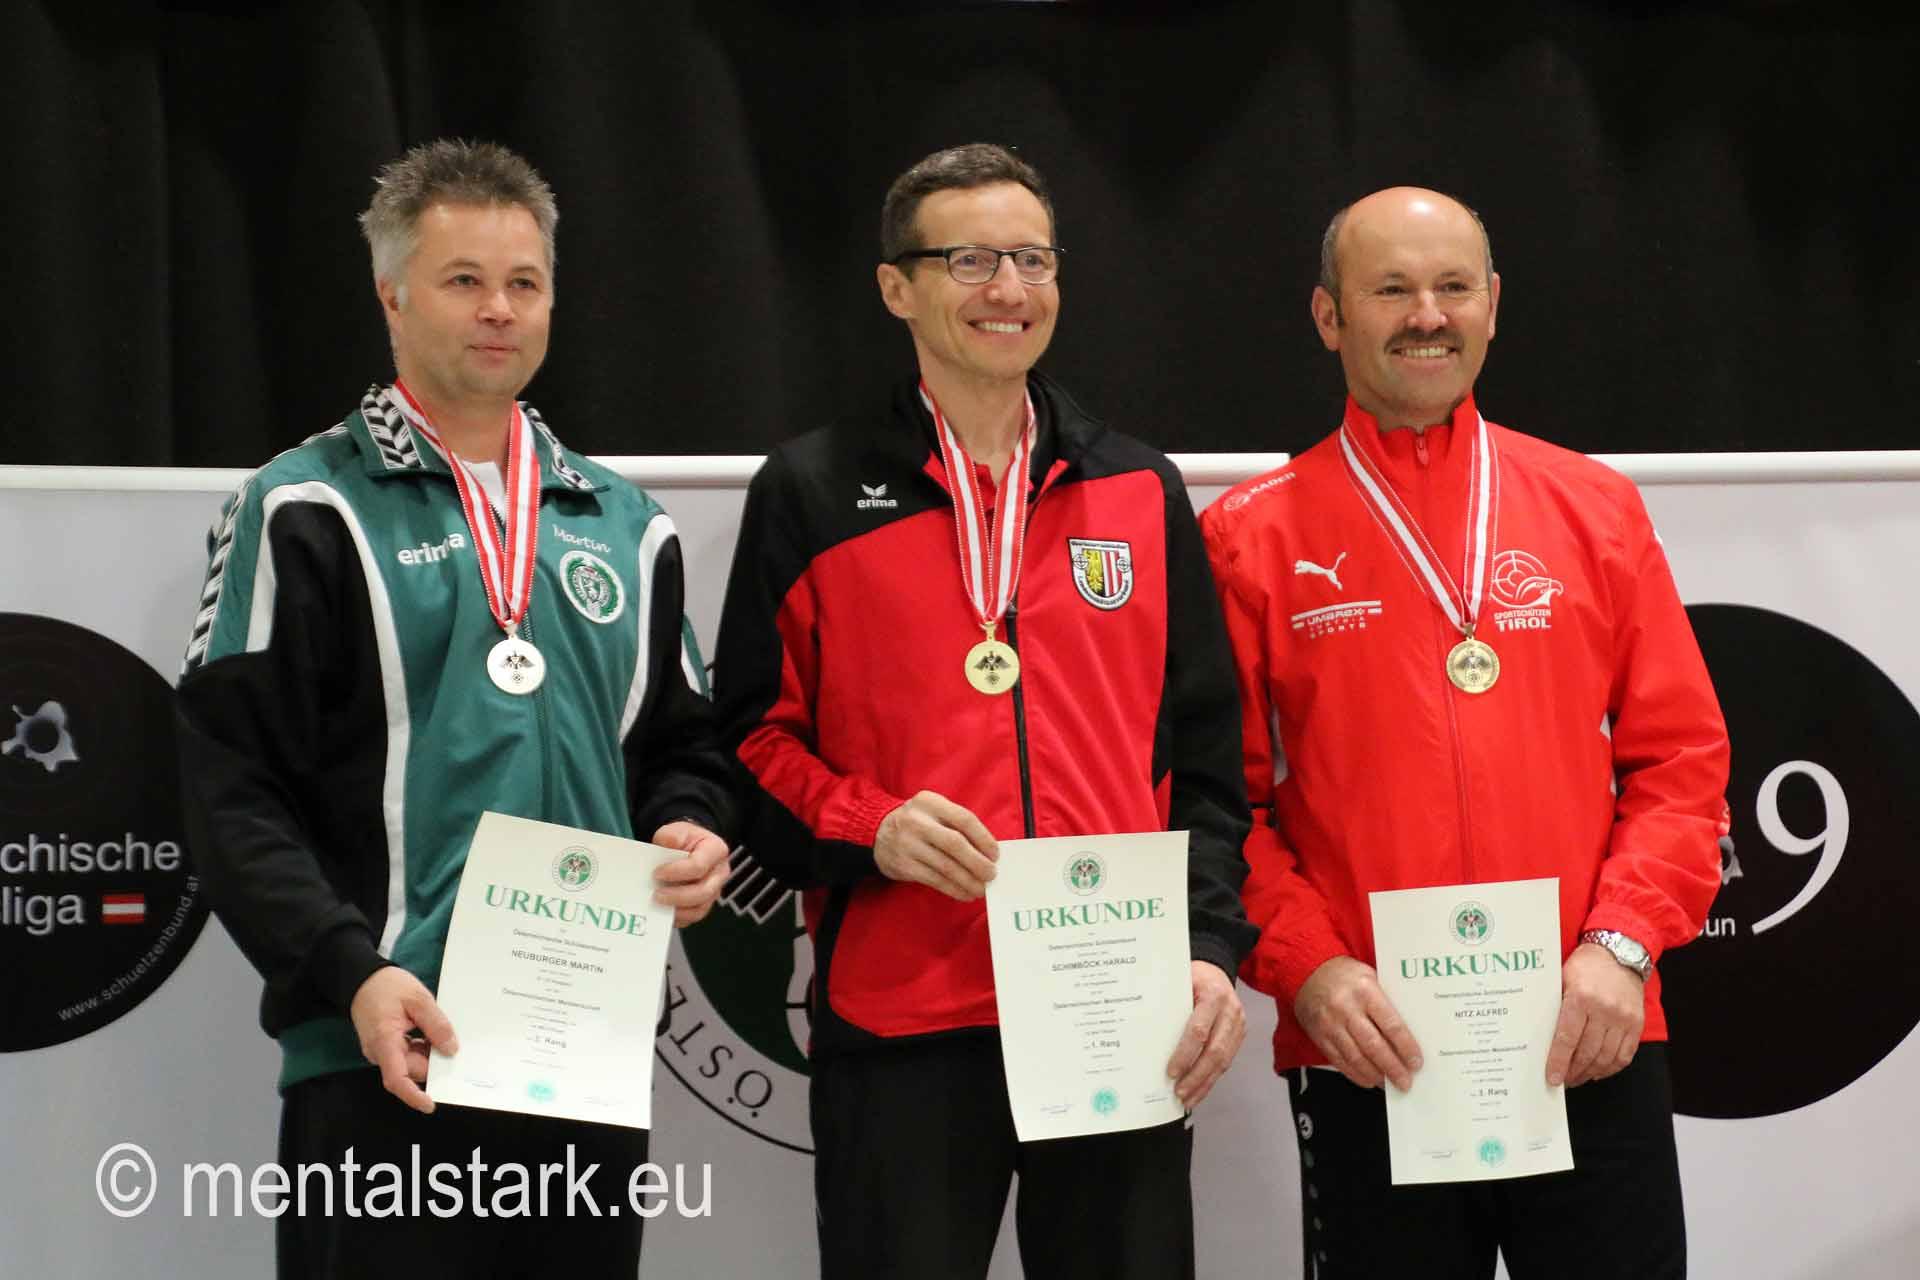 Alfred Nietz 3. Platz LG Senioren 1